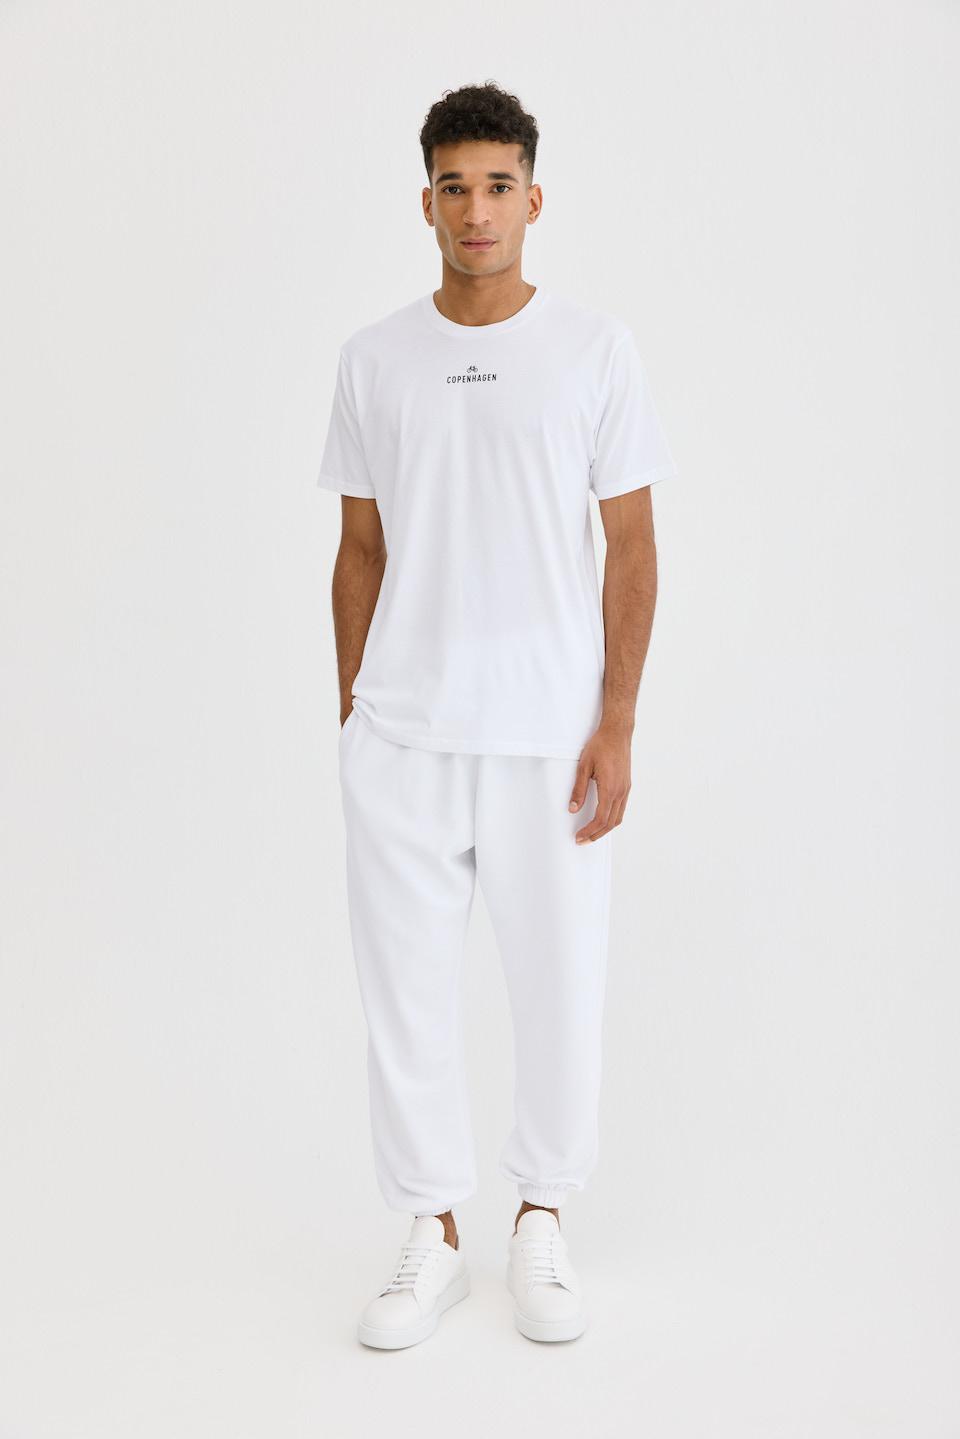 CPH Shirt 1M org. cotton white